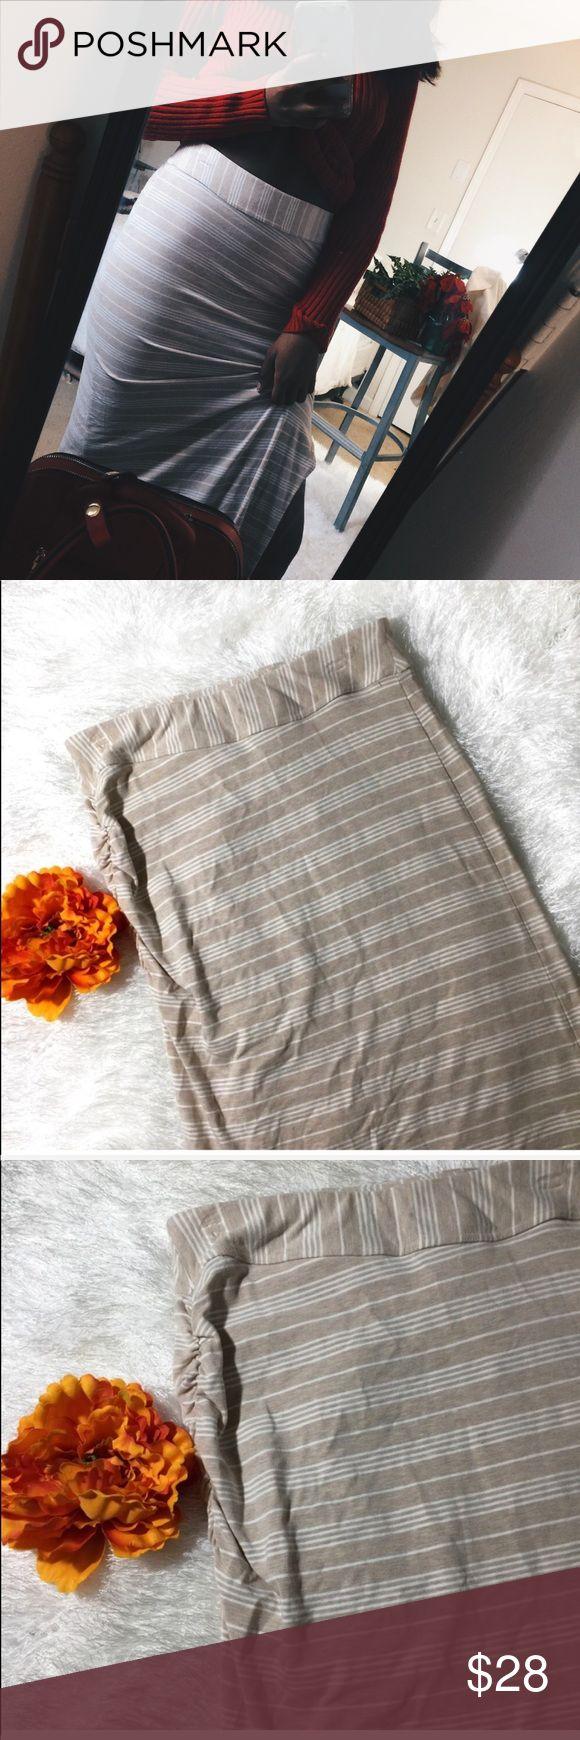 {Athleta} Khaki and White Striped Maxi Skirt Pretty athleta Khaki and white striped maxi skirt with slit. Size Medium!  {Athleta} Khaki and White Striped Maxi Skirt Athleta Skirts Maxi